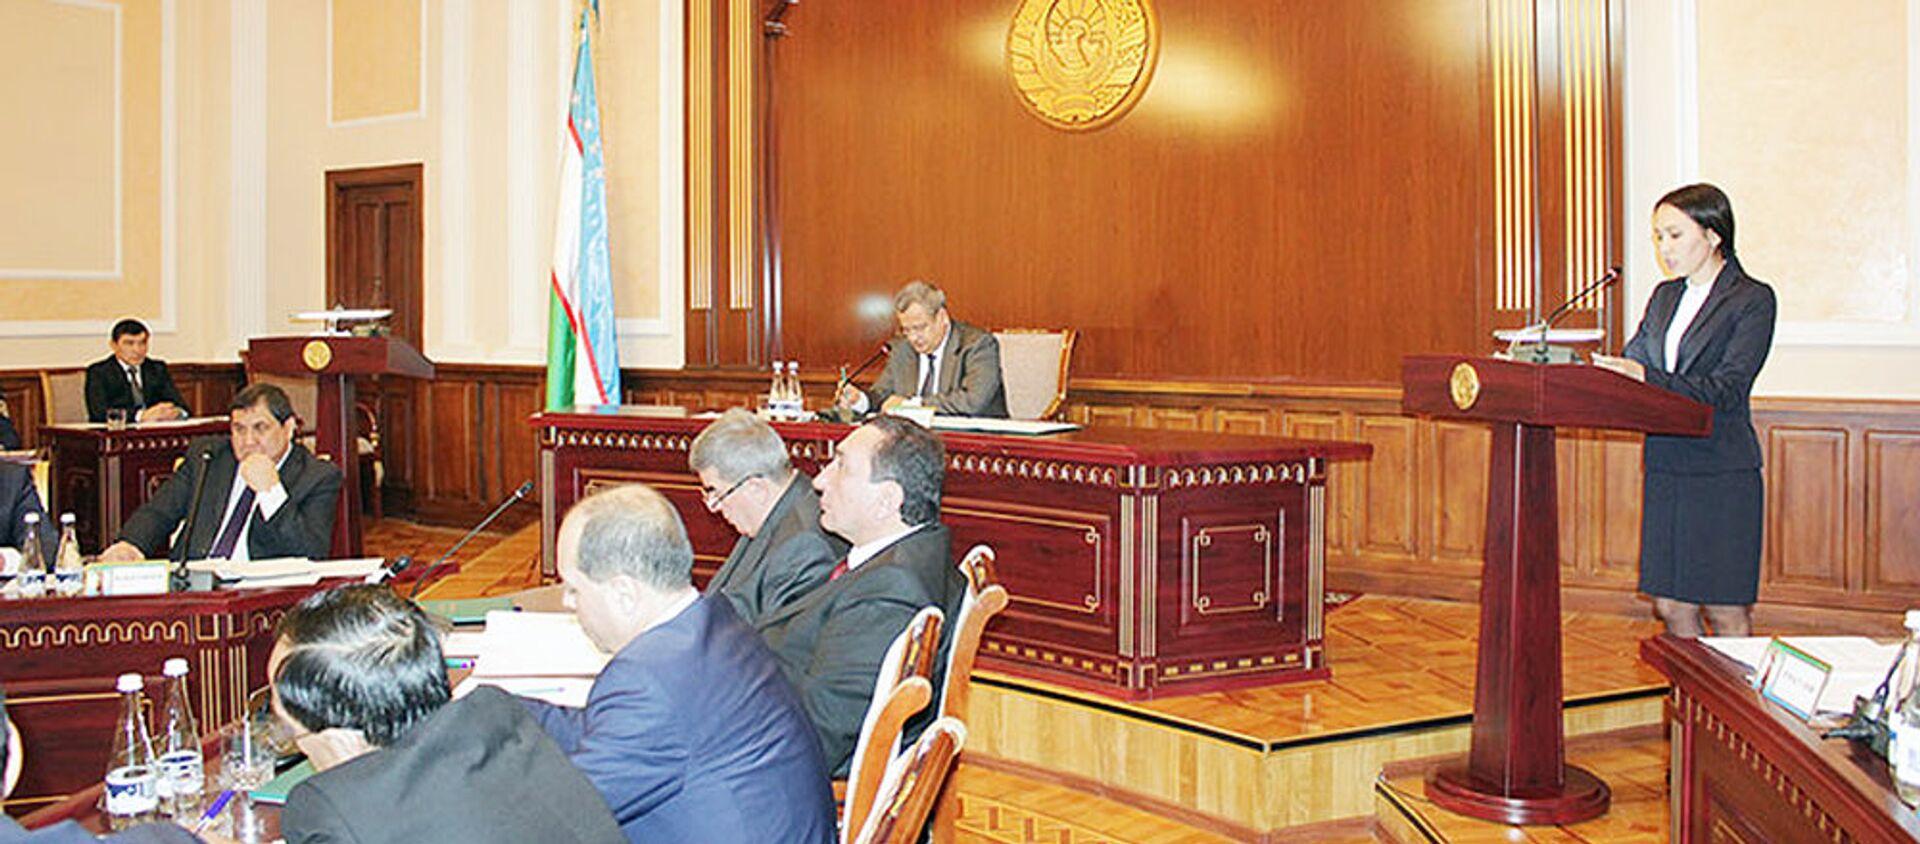 Заседание пленумов Верховного суда и Высшего хозяйственного суда Республики Узбекистан - Sputnik Узбекистан, 1920, 29.10.2018